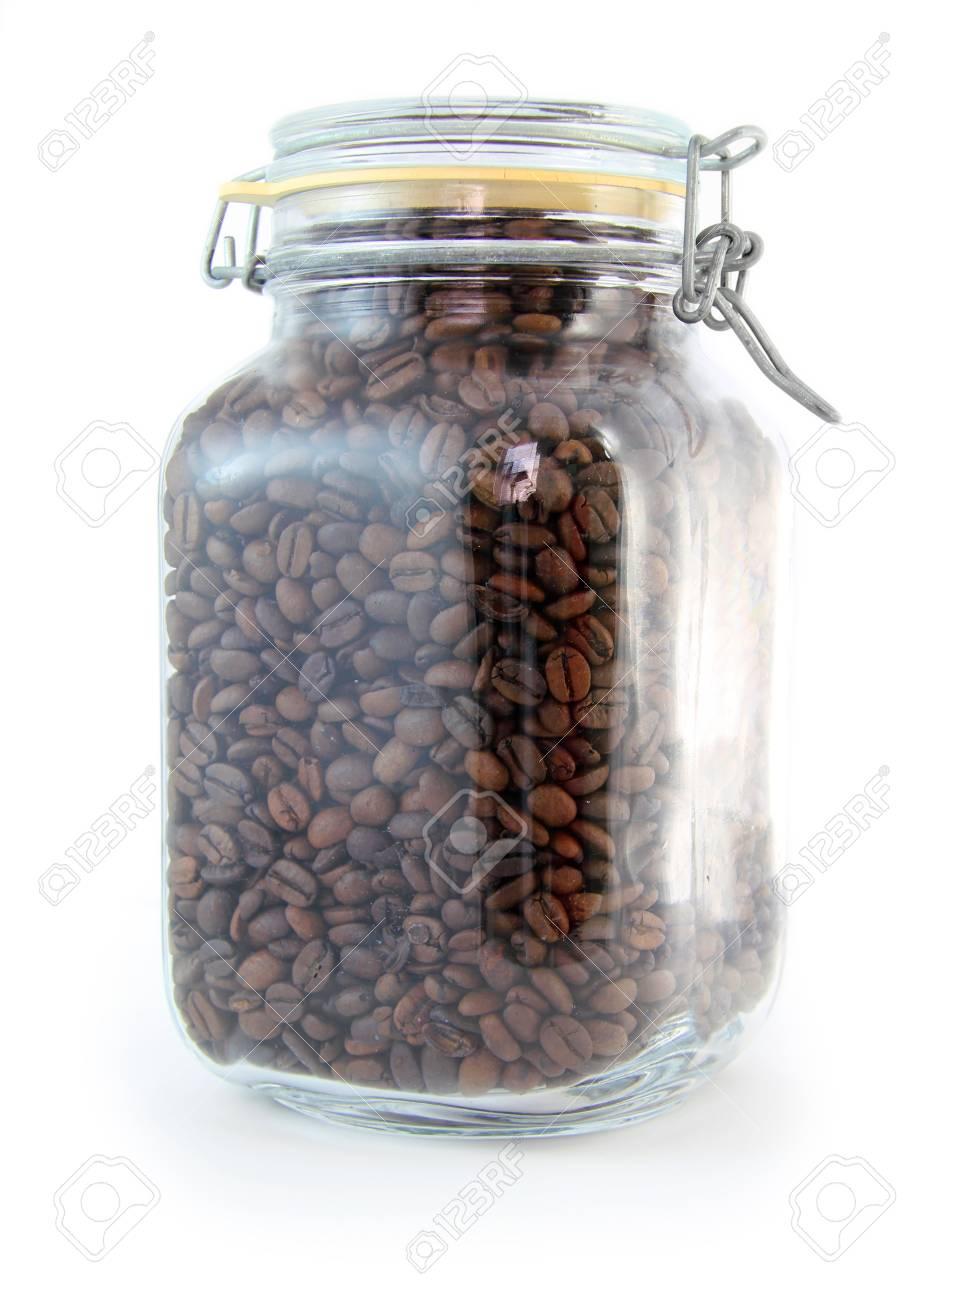 保存 容器 豆 コーヒー